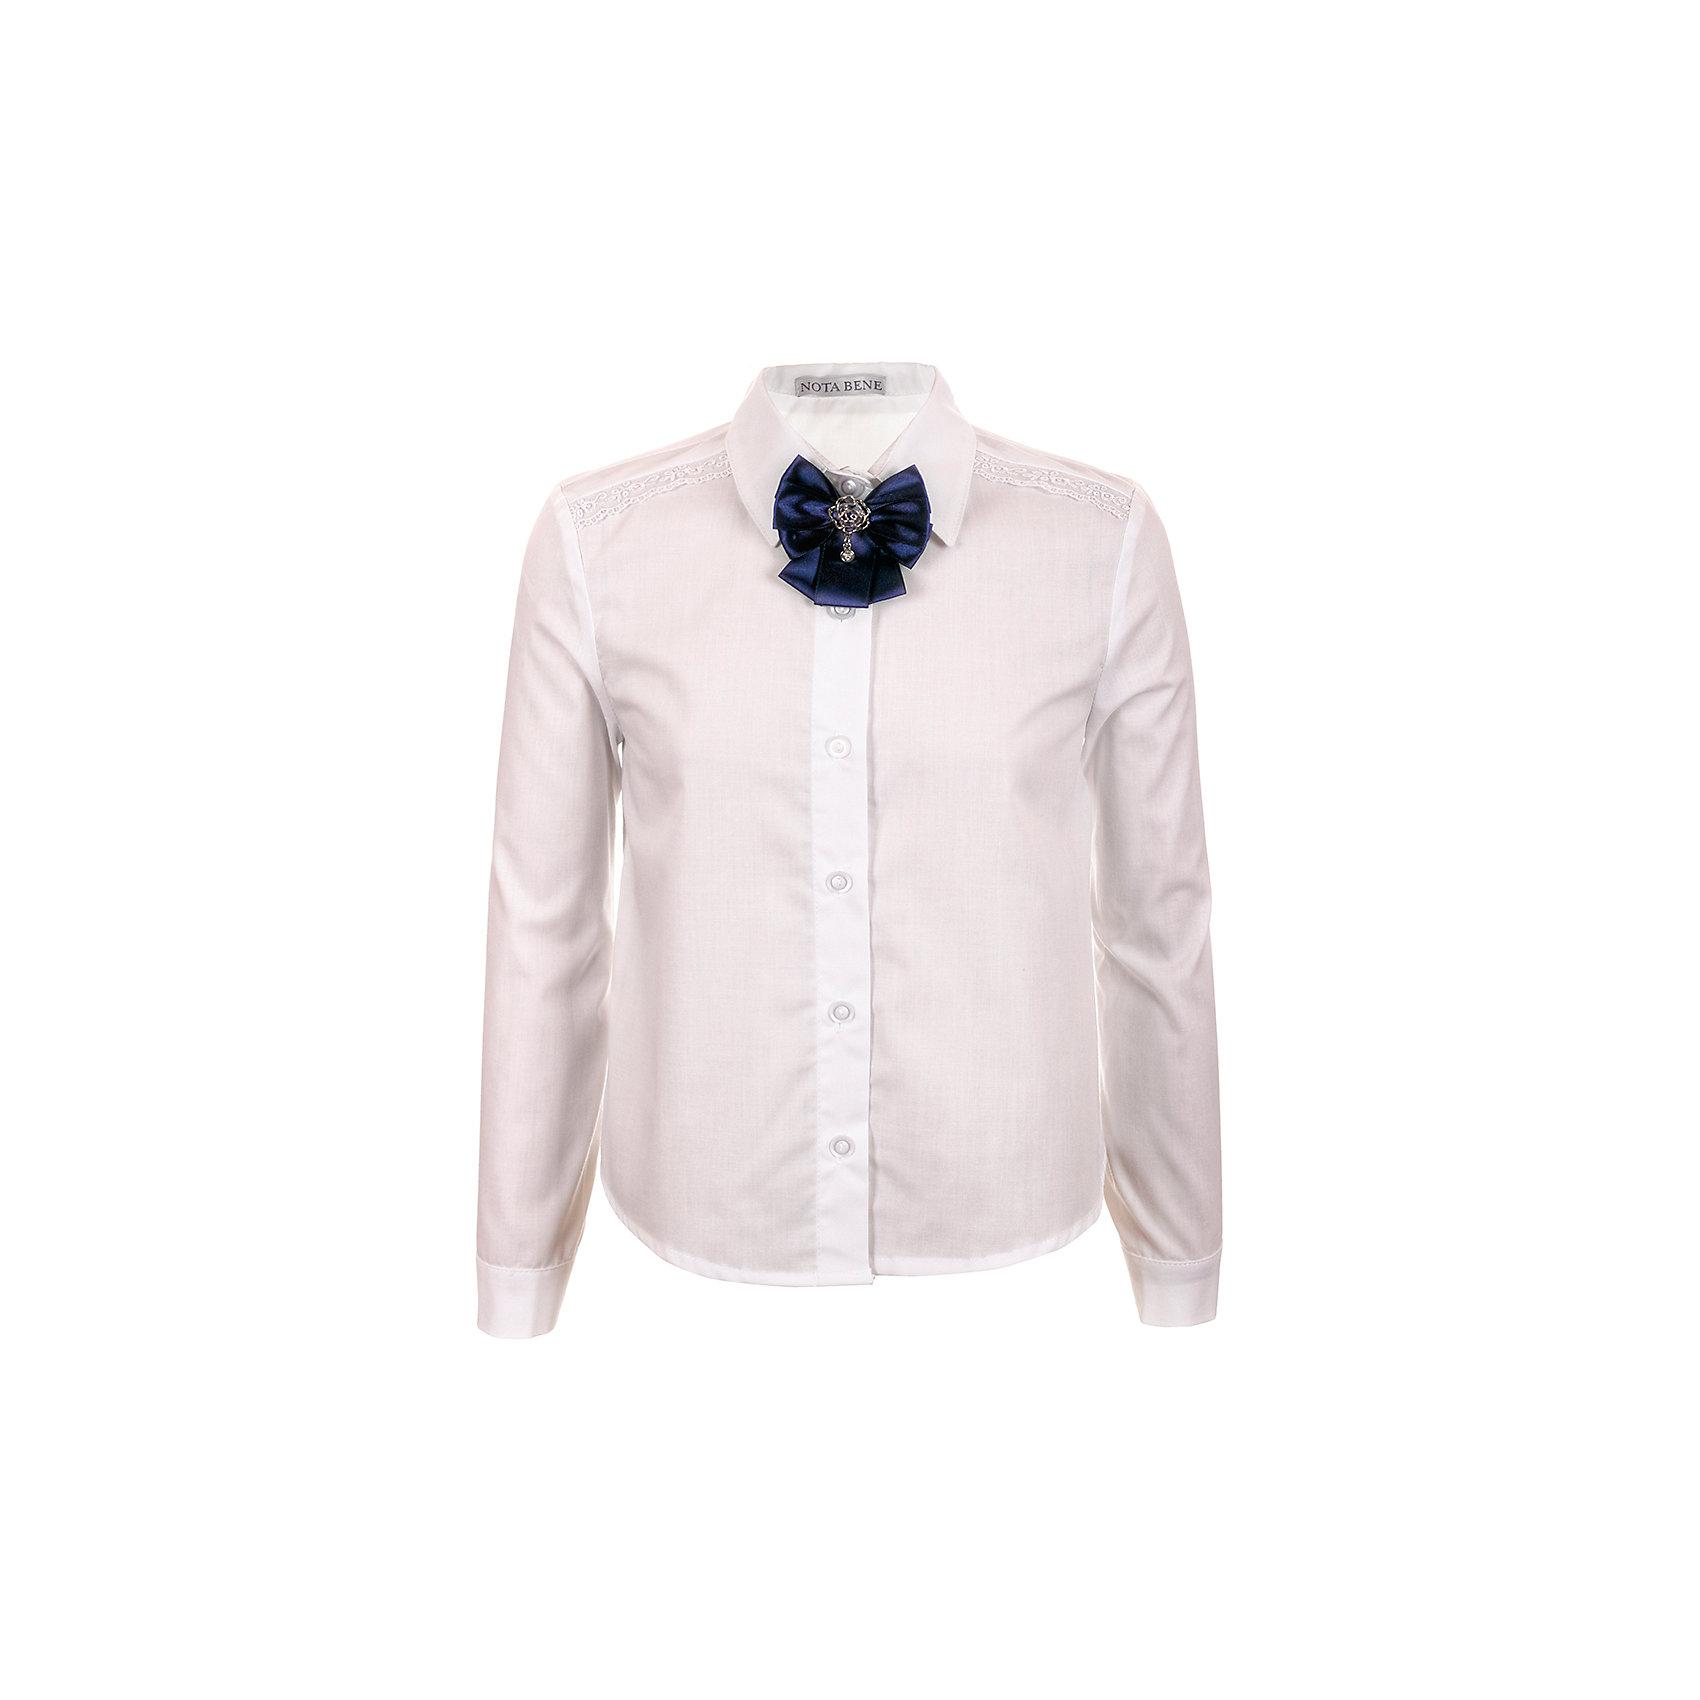 Блузка Nota Bene для девочкиБлузки и рубашки<br>Блузка с длинными рукавами. С рубашечным воротником со стойкой<br>и с цельнокроенной застежкой на пуговицы. <br>На полочке кокетка с кружевной тесьмой белого цвета.<br>Декор текстильный пристегивающийся на булавку<br>Соответствует размеру.<br>Рекомендована предварительная стирка.<br>Состав:<br>65% хлопок; 35% полиэстер<br><br>Ширина мм: 186<br>Глубина мм: 87<br>Высота мм: 198<br>Вес г: 197<br>Цвет: белый<br>Возраст от месяцев: 156<br>Возраст до месяцев: 168<br>Пол: Женский<br>Возраст: Детский<br>Размер: 164,146,152,158<br>SKU: 7012264